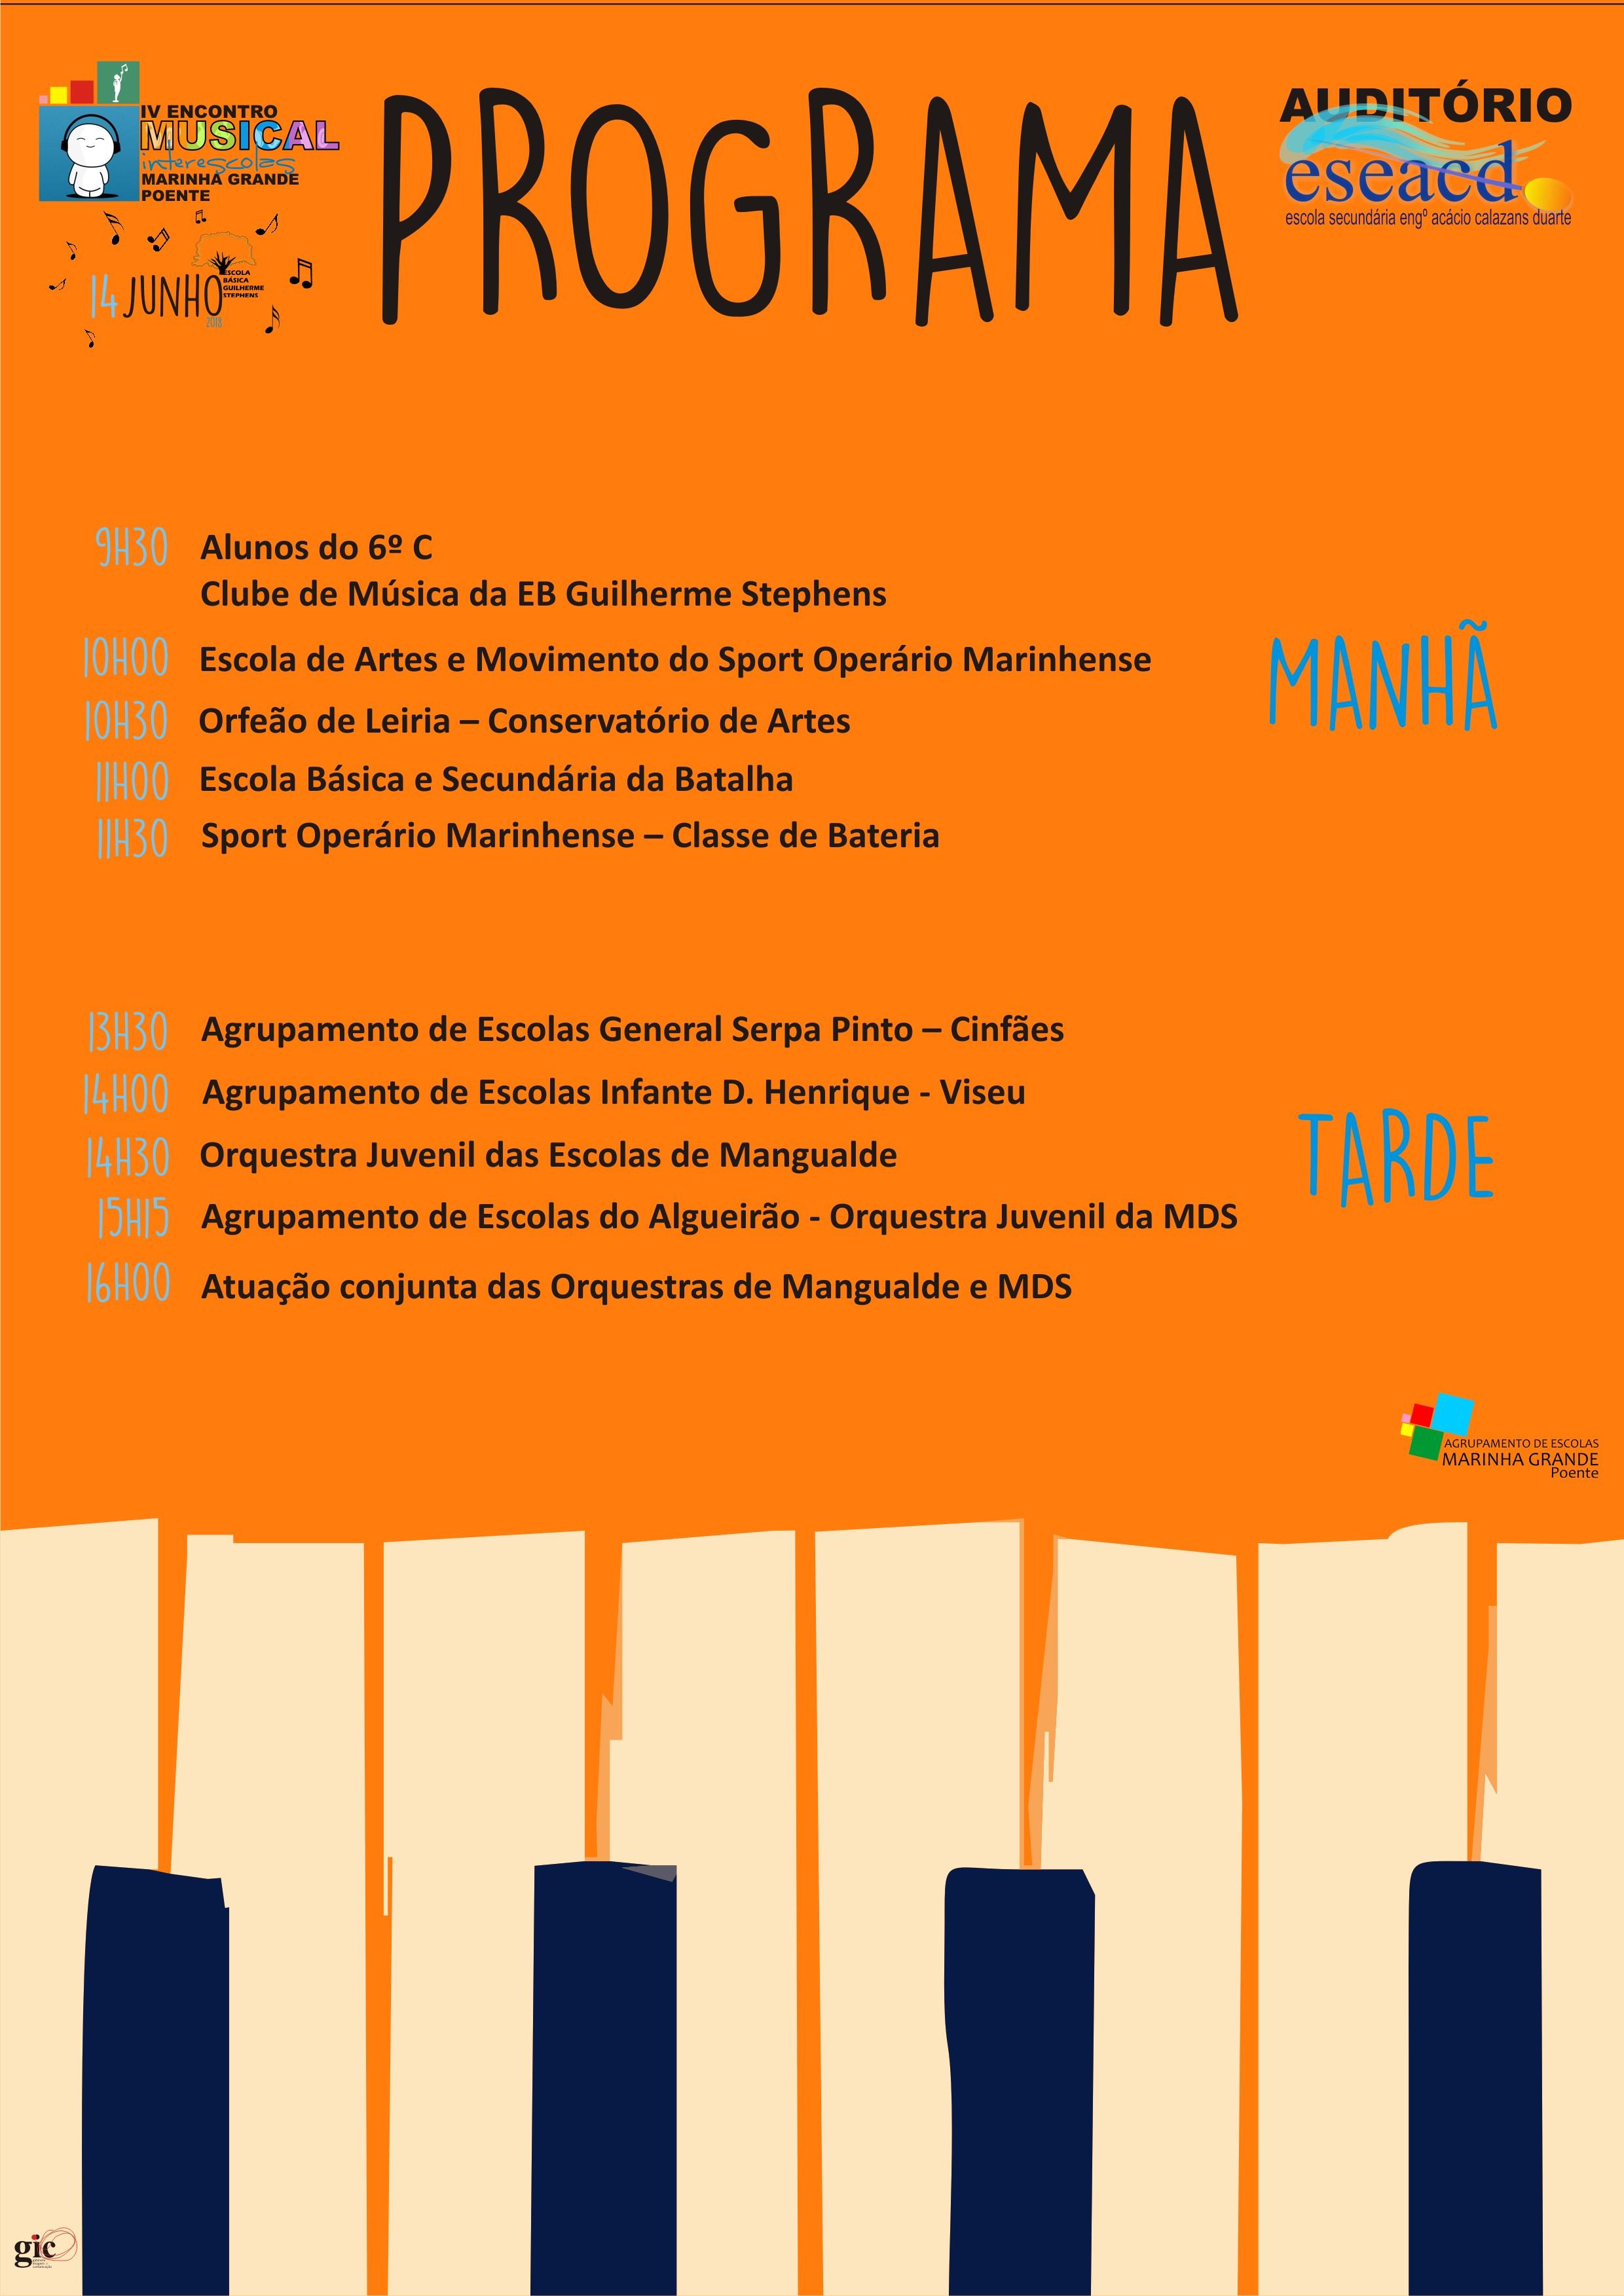 Pascoa 2019 Calendario Portugal Más Caliente Ag Esc Mg Poente Of Pascoa 2019 Calendario Portugal Más Arriba-a-fecha Faculdade De Arquitetura Da Universidade De Lisboa Estudar